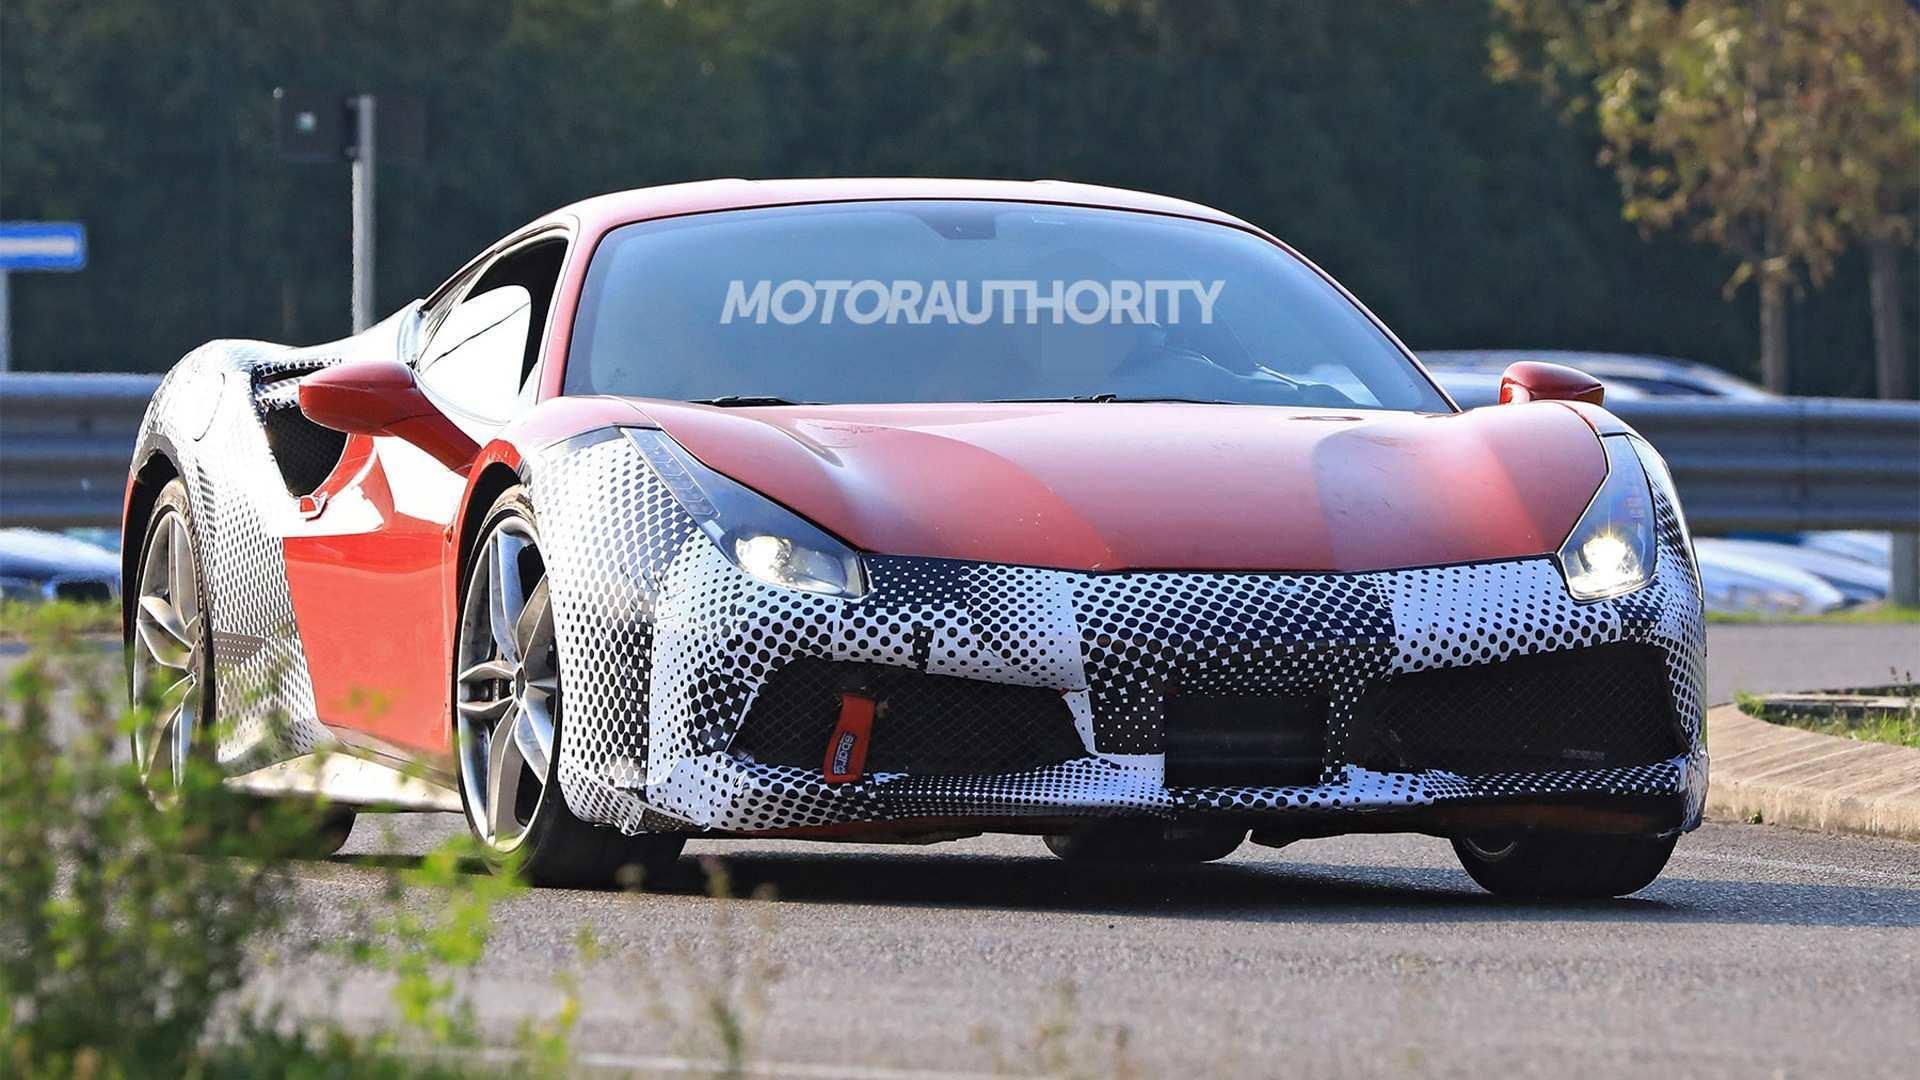 39 Gallery of 2020 Ferrari 488 Gto Research New by 2020 Ferrari 488 Gto